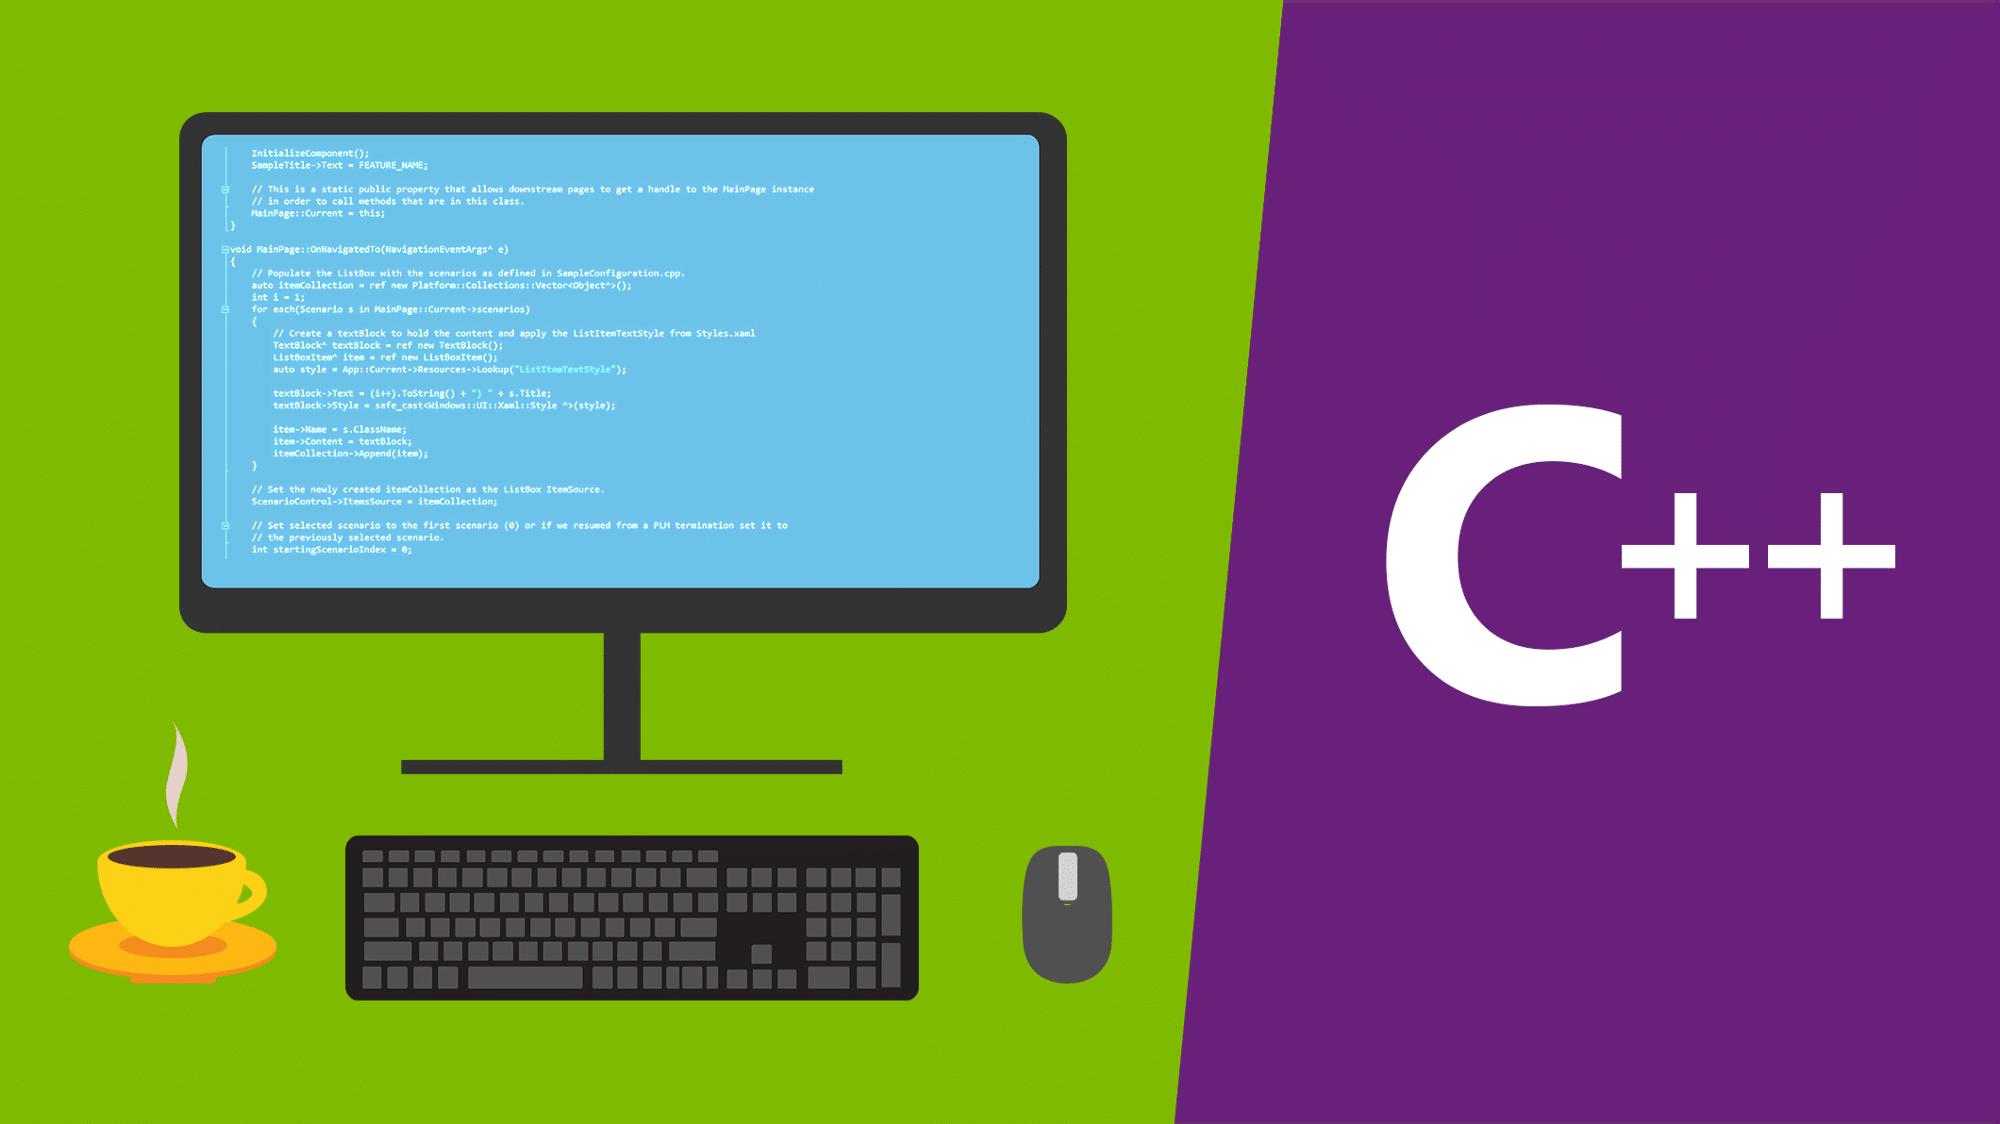 Share Khóa Học Thành Thạo C++ Trong 108 Bài Học Trên Unica